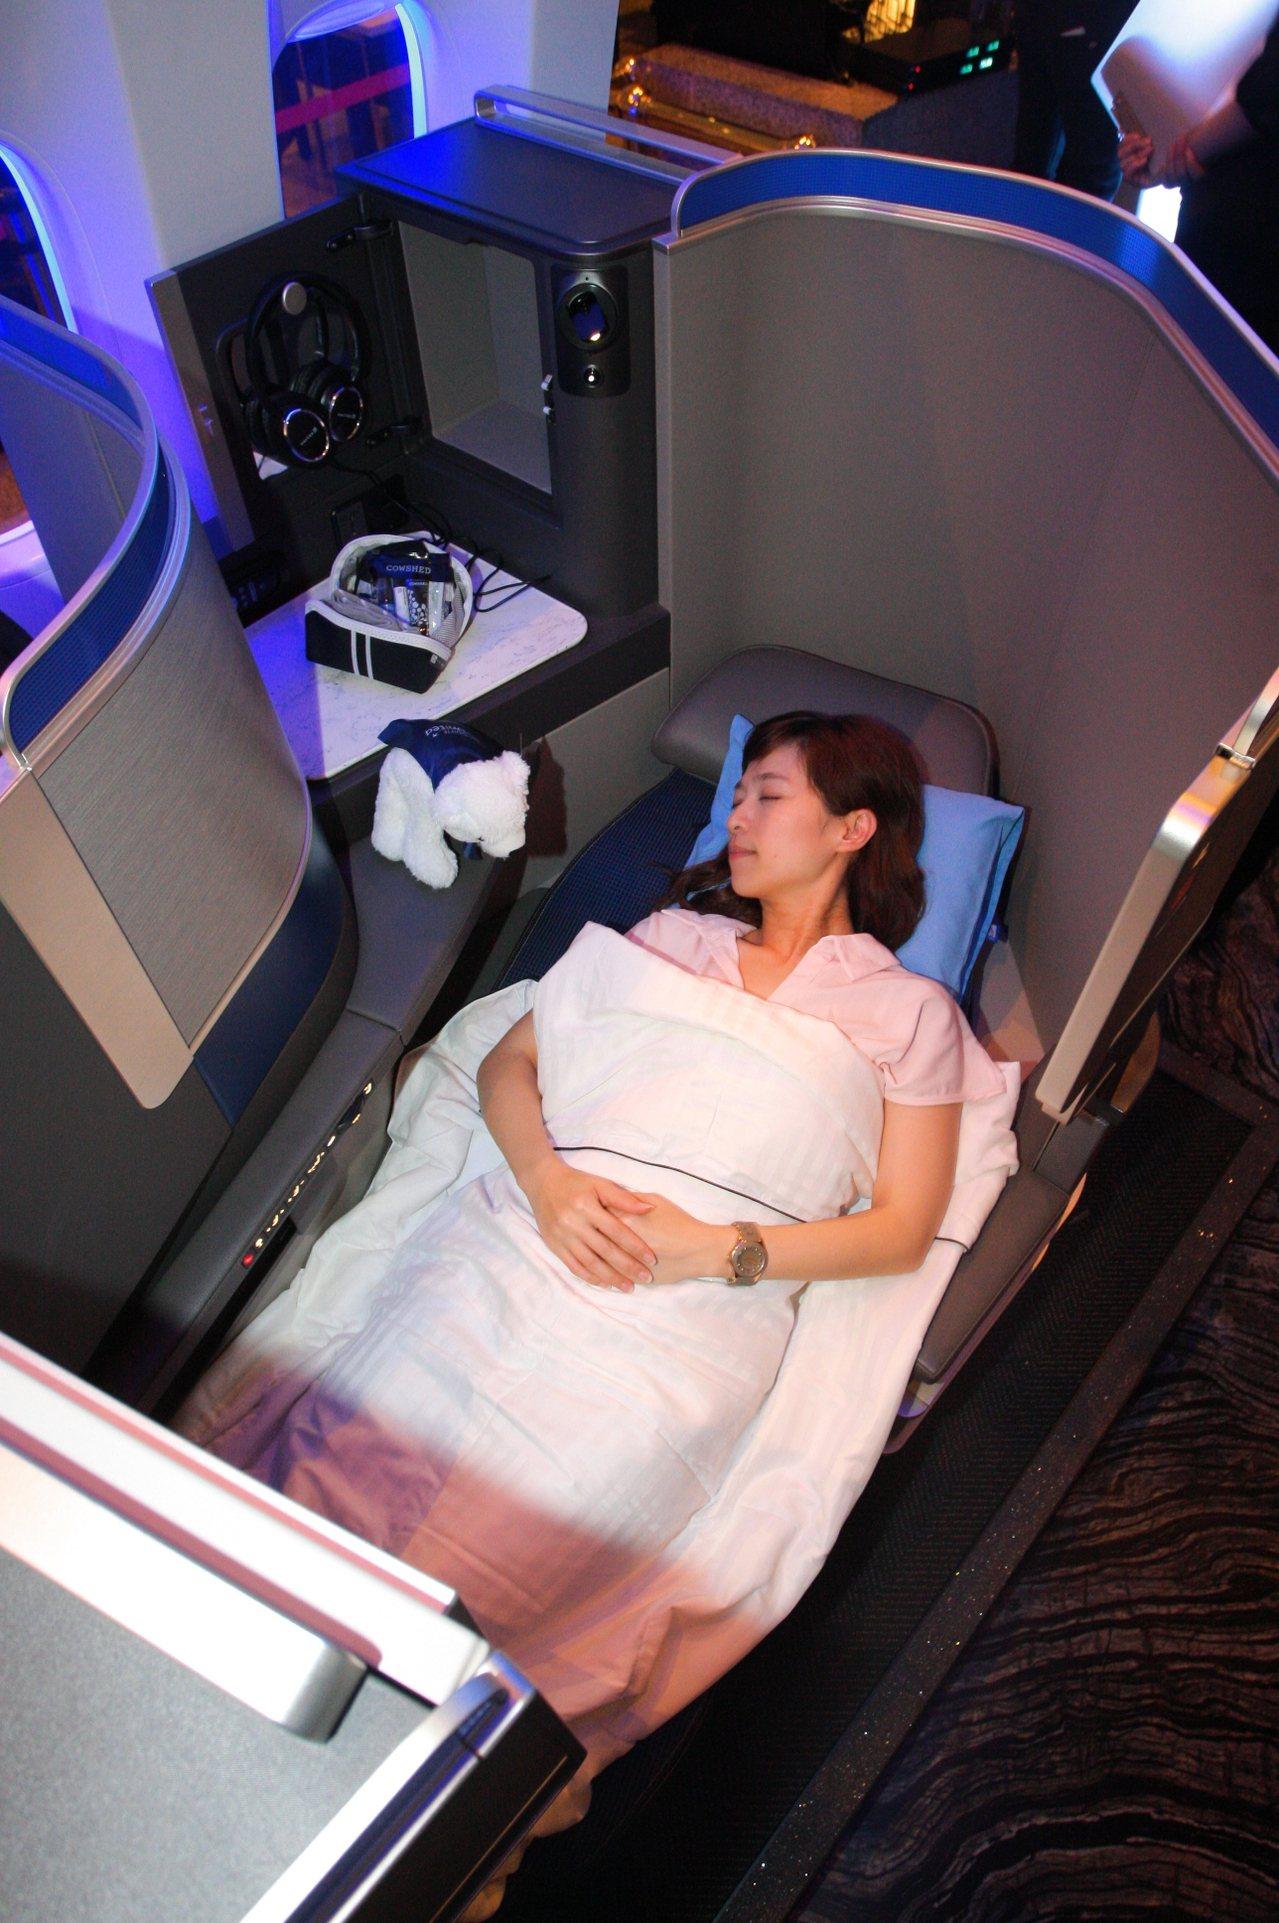 Polaris 商務艙採可全平躺的座位,座位全長達200公分。記者陳睿中/攝影